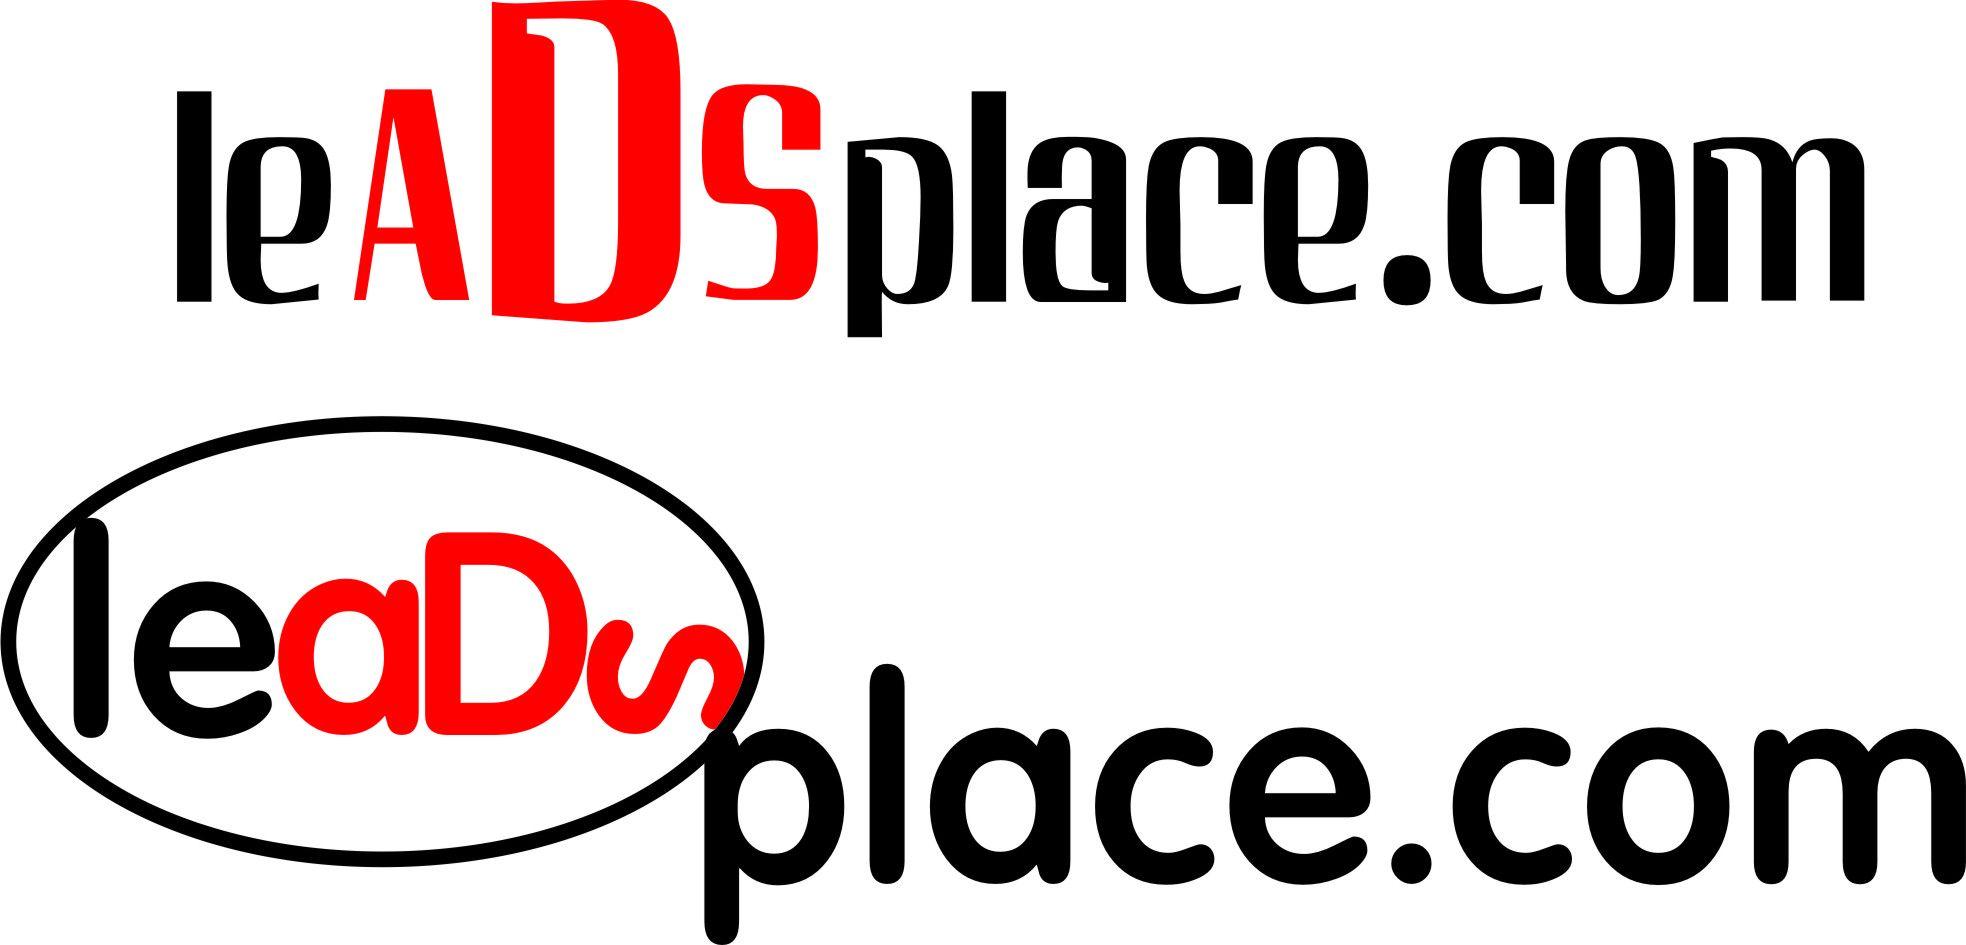 leadsplace.com - логотип - дизайнер Juuuliiiii